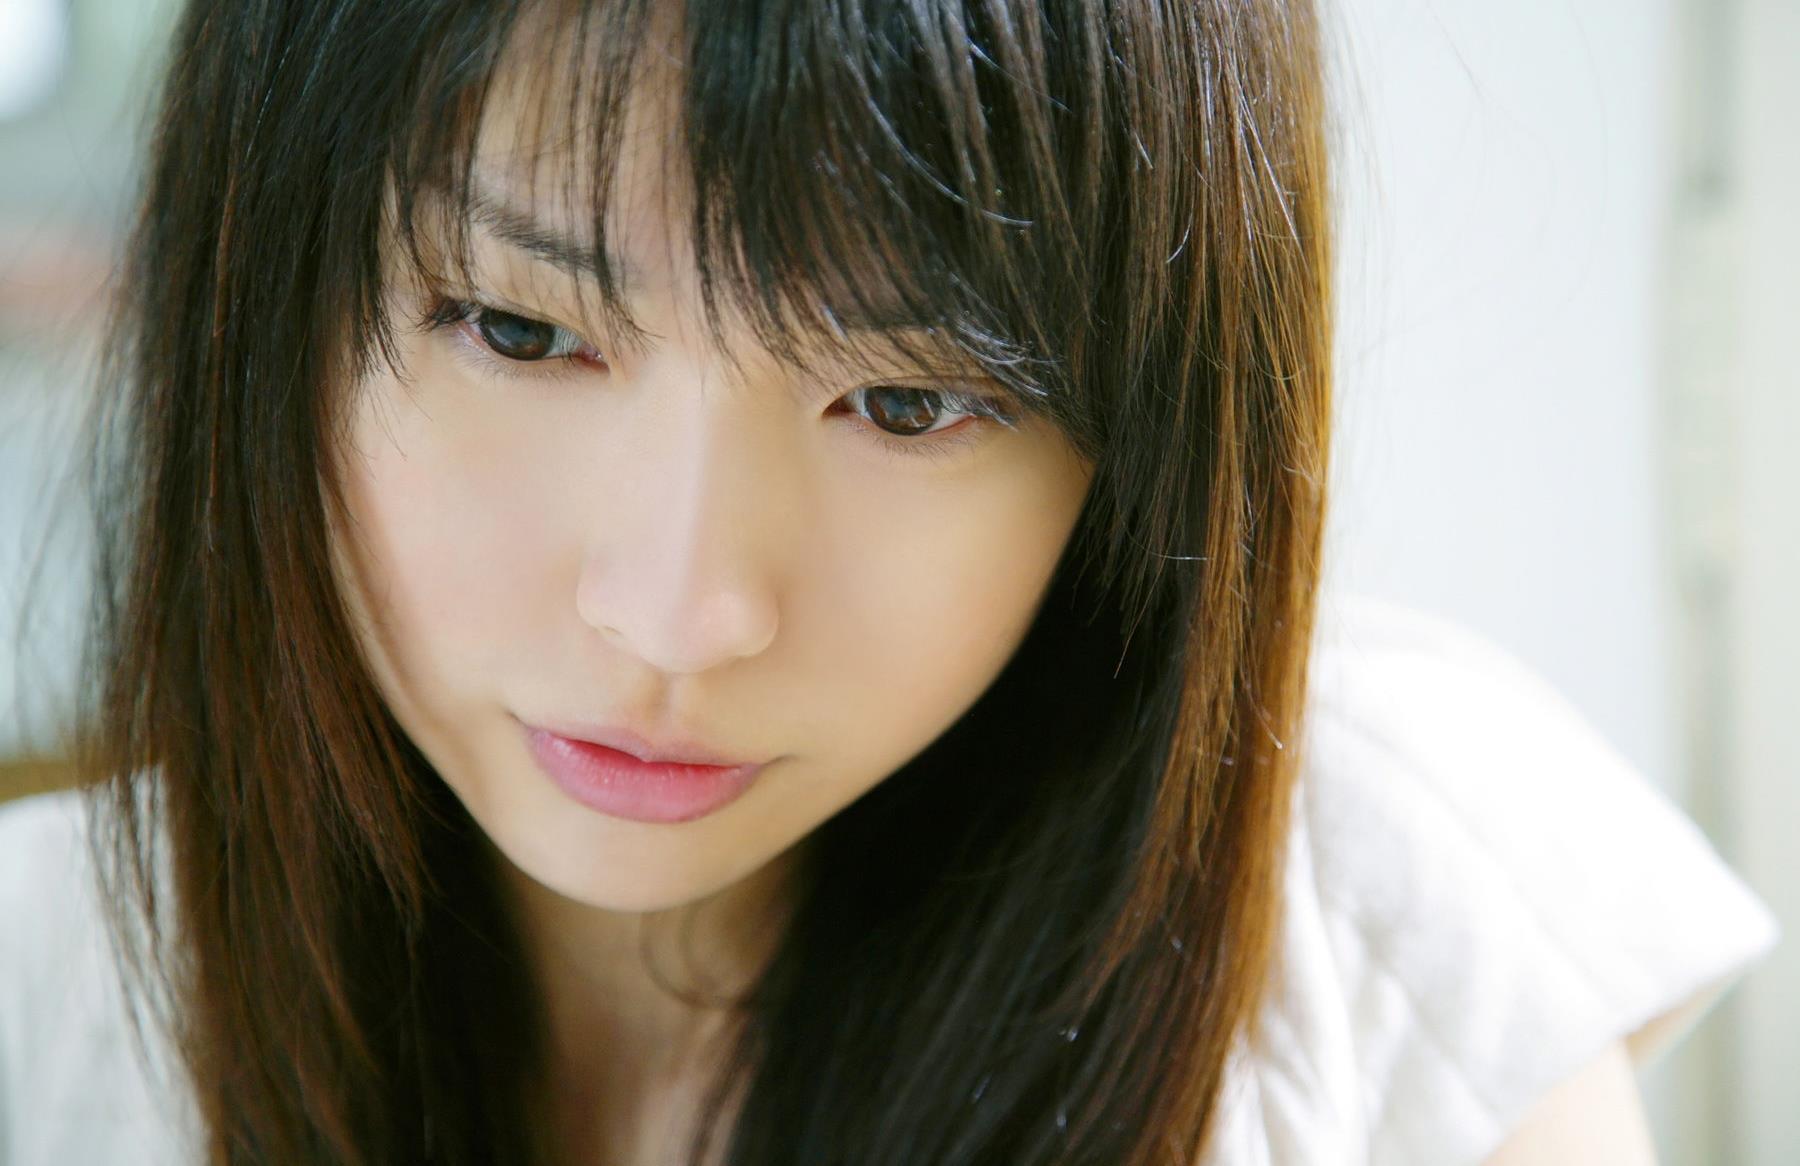 戸田恵梨香 エロ画像 54